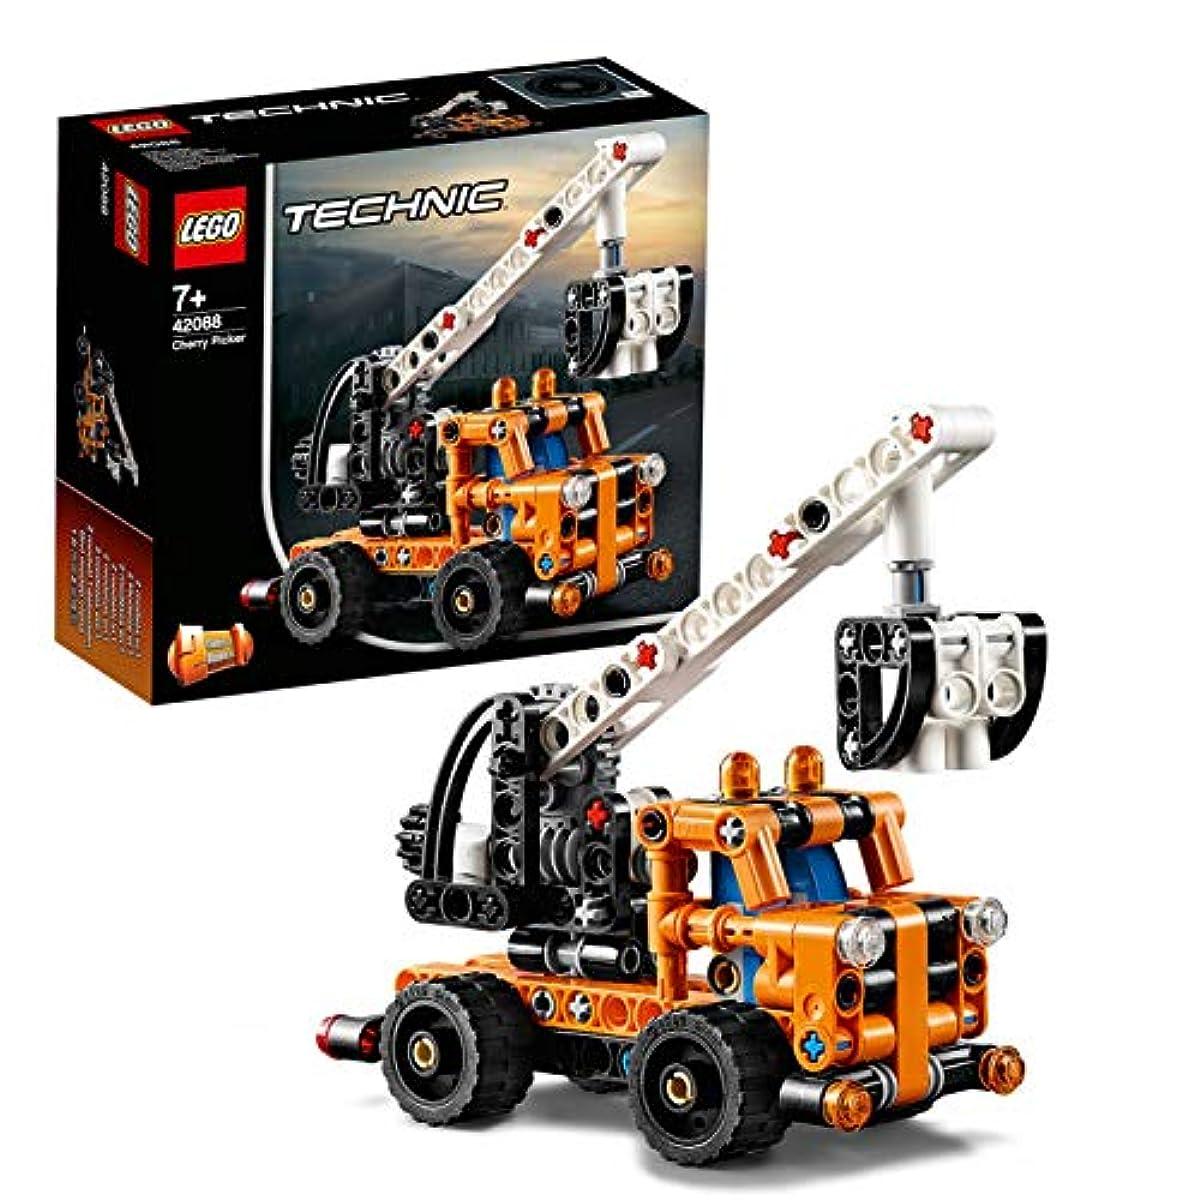 [해외] 레고(LEGO) 테크닉 높은 곳    작업차 42088 교육 완구 블럭 장난감 사내 아이